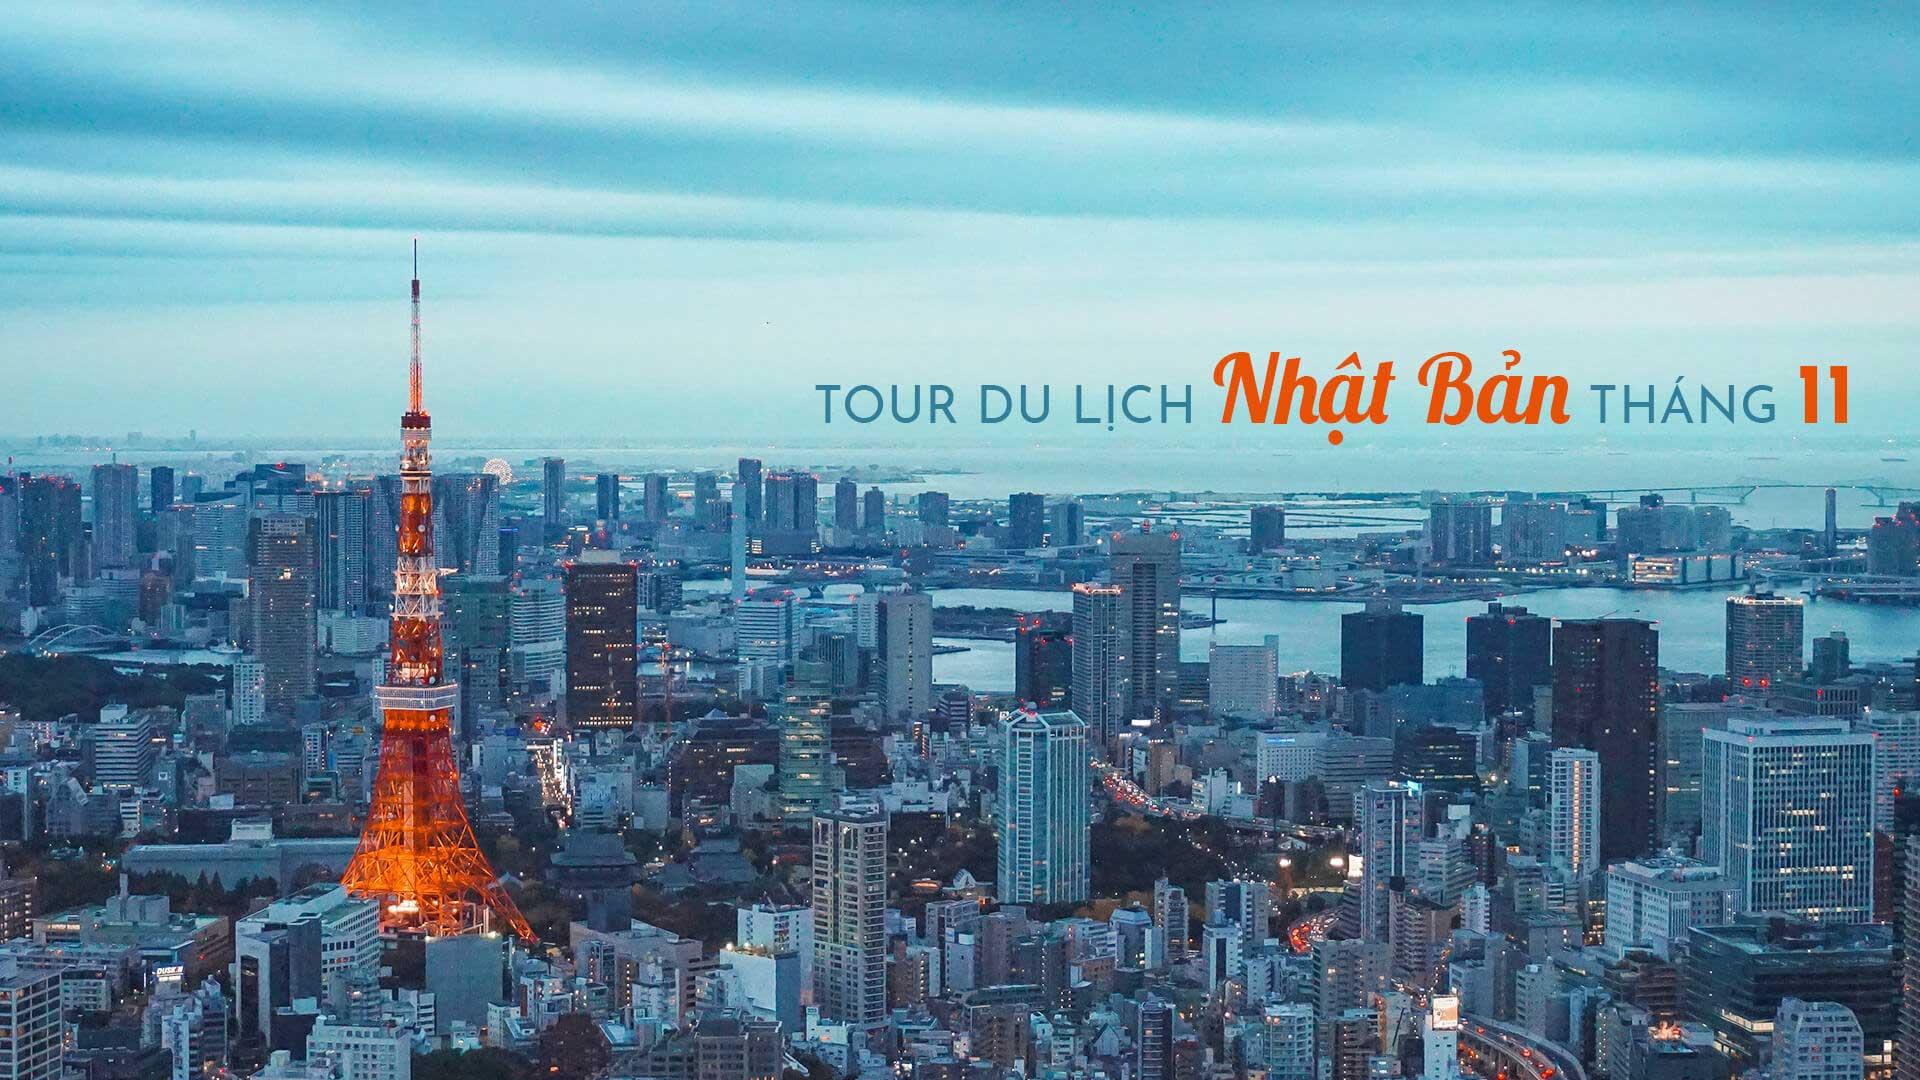 Top 5 tour du lịch Nhật Bản tháng 11 mới nhất 2019